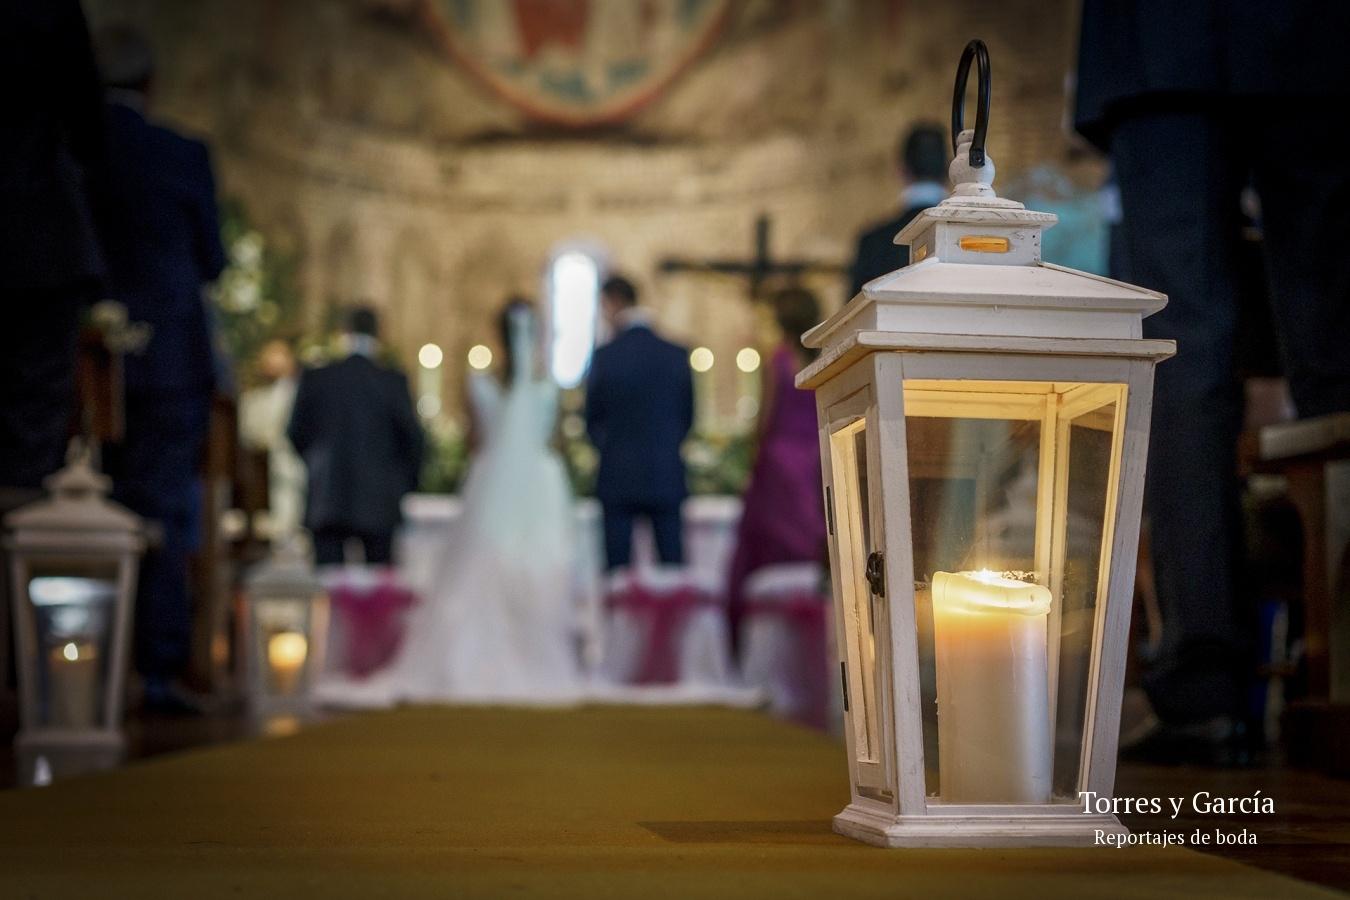 detalle de la decoración de la iglesia de Valdilecha - Fotografías - Libros y reportajes de boda diferentes.